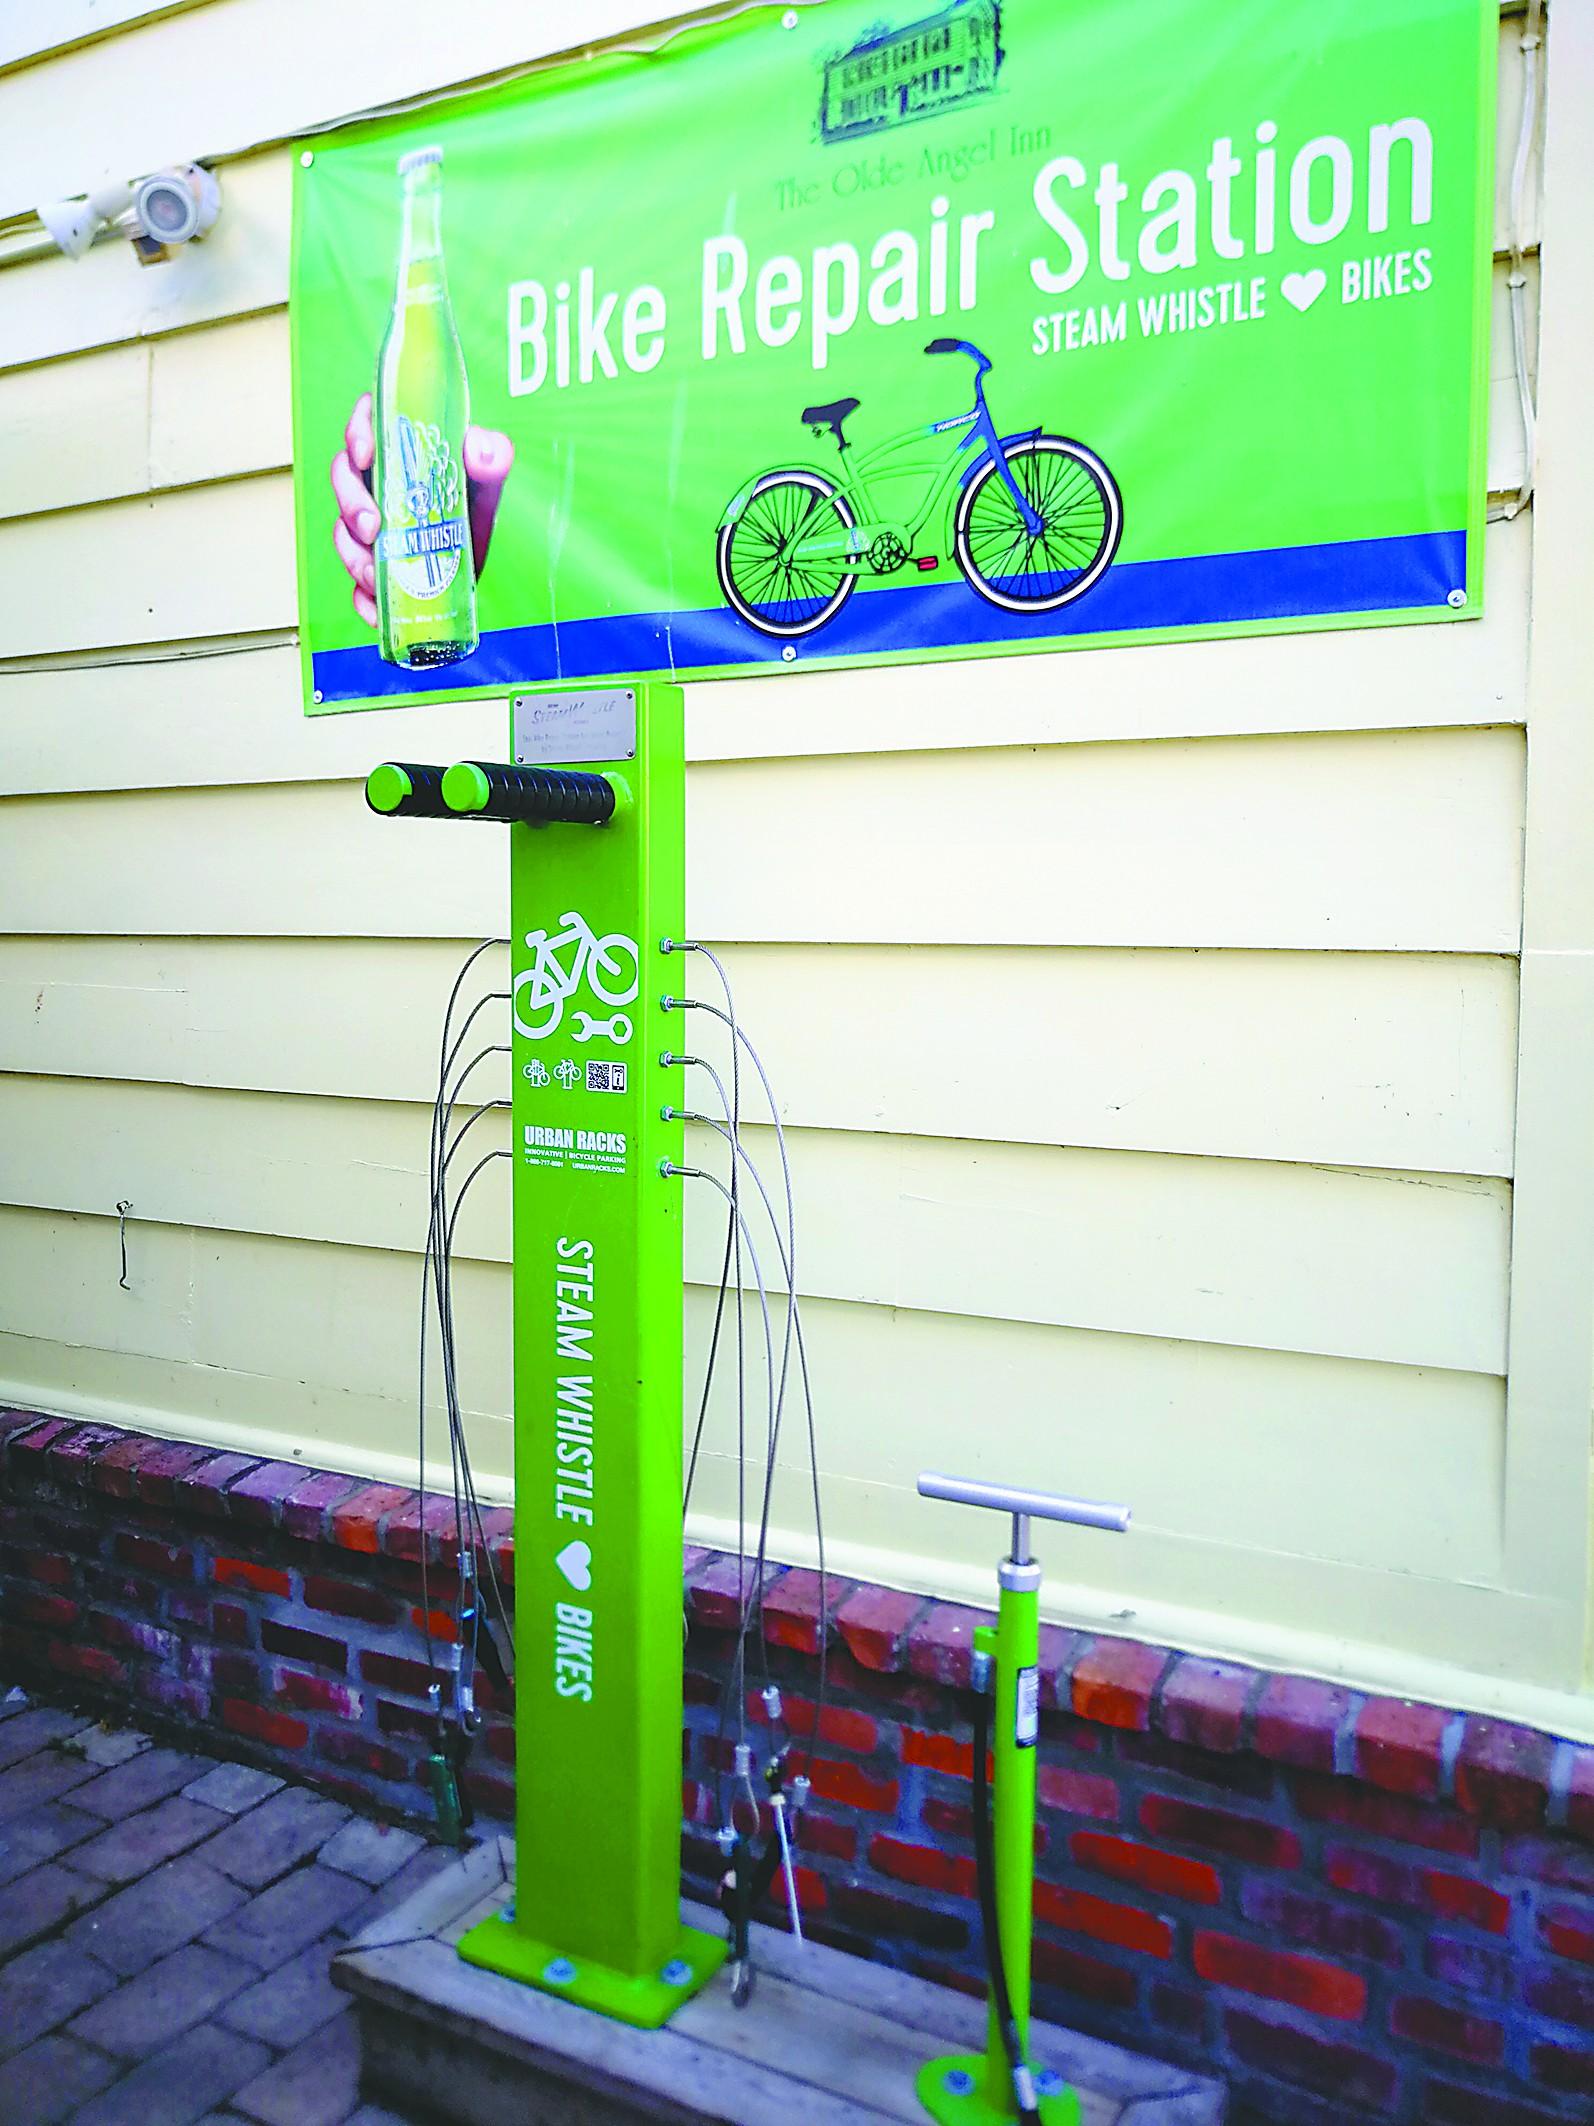 独特一景 小镇单车自助修理站